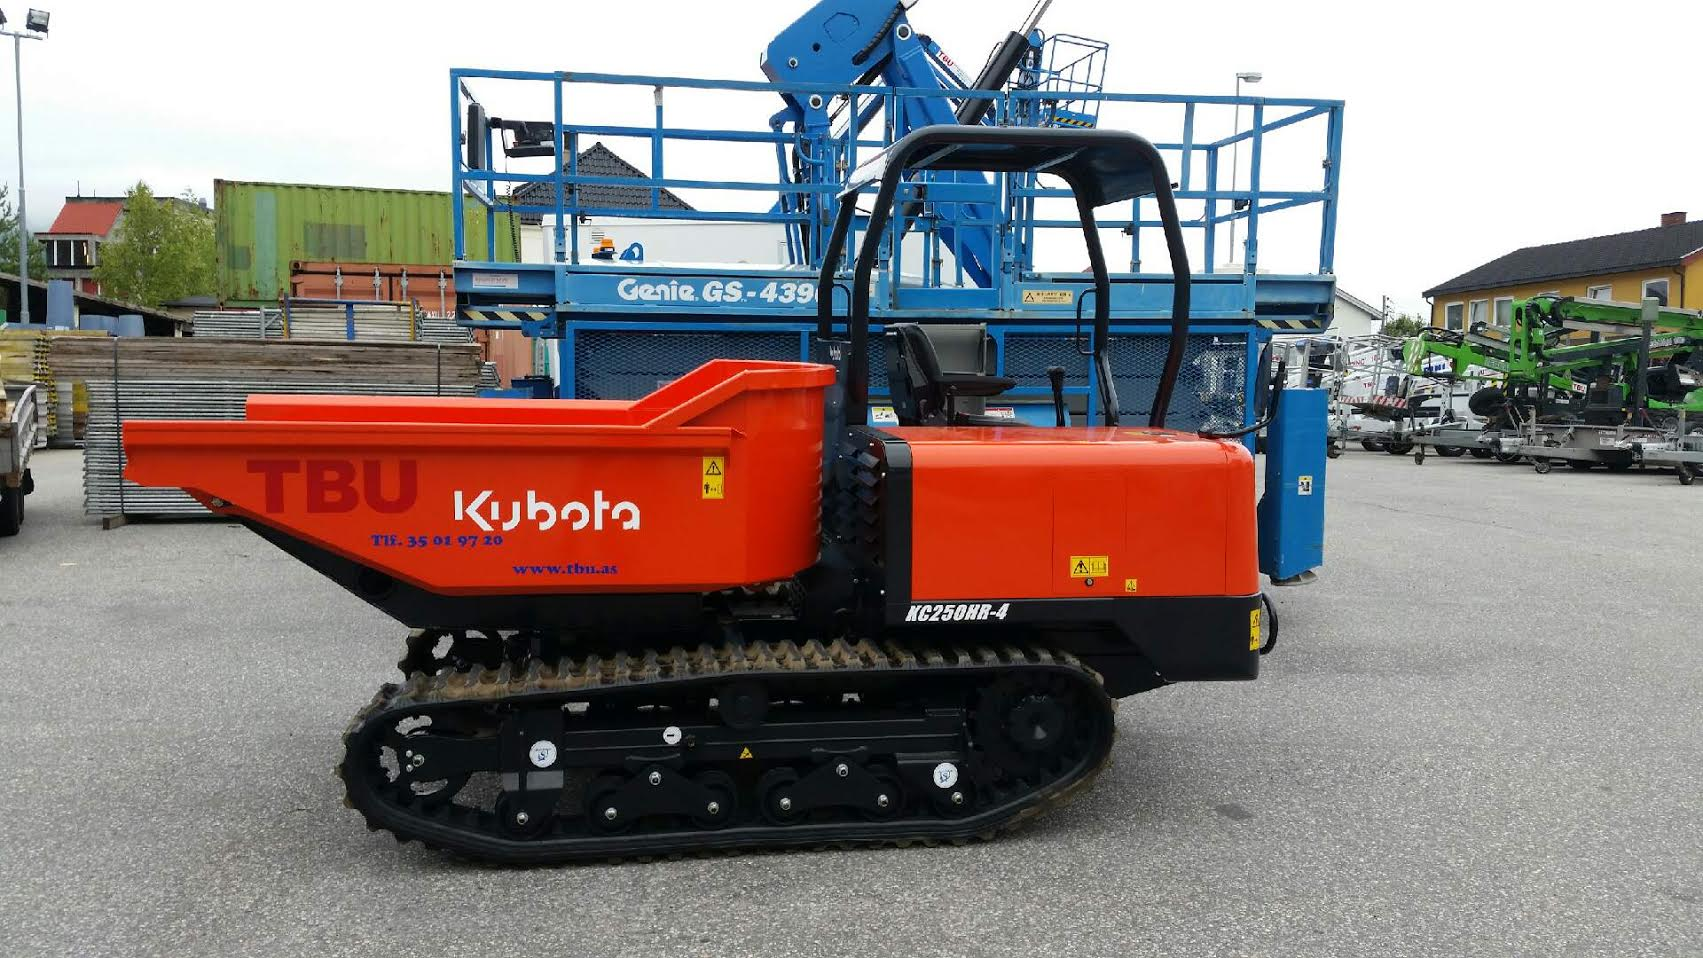 Kubota minidumper 2500 kg dumper